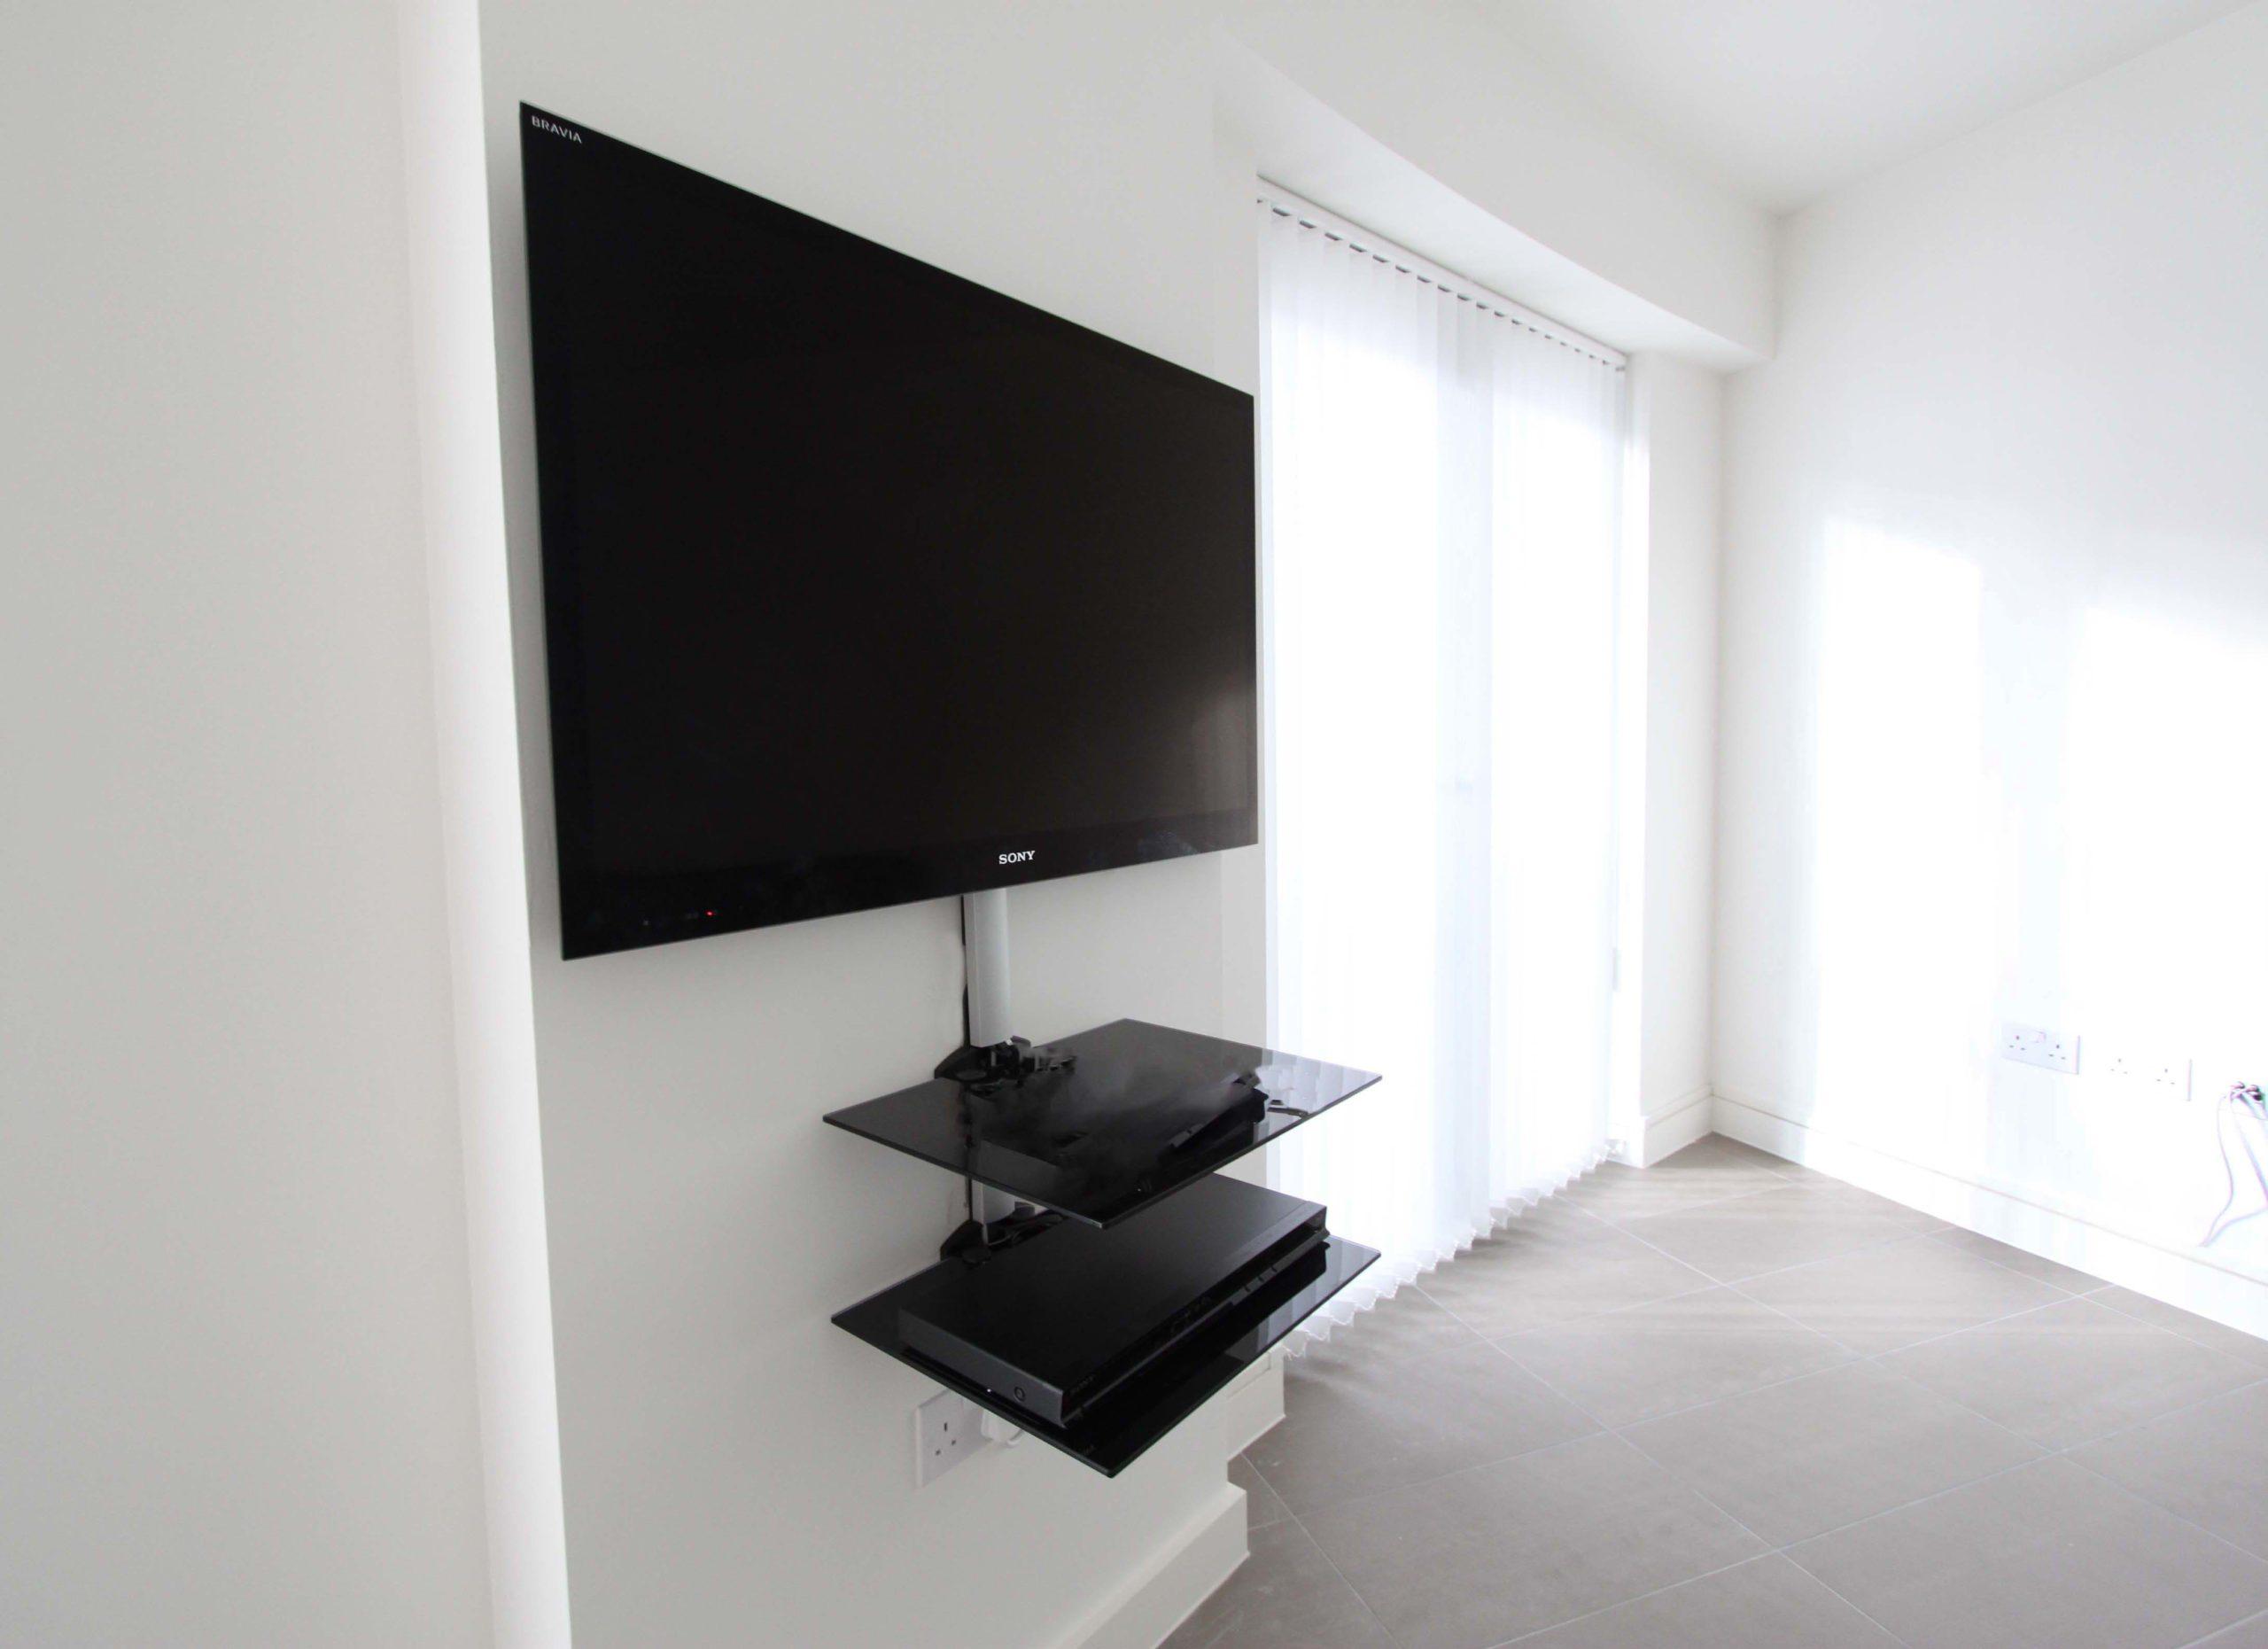 телевизор в интерьере современного дома